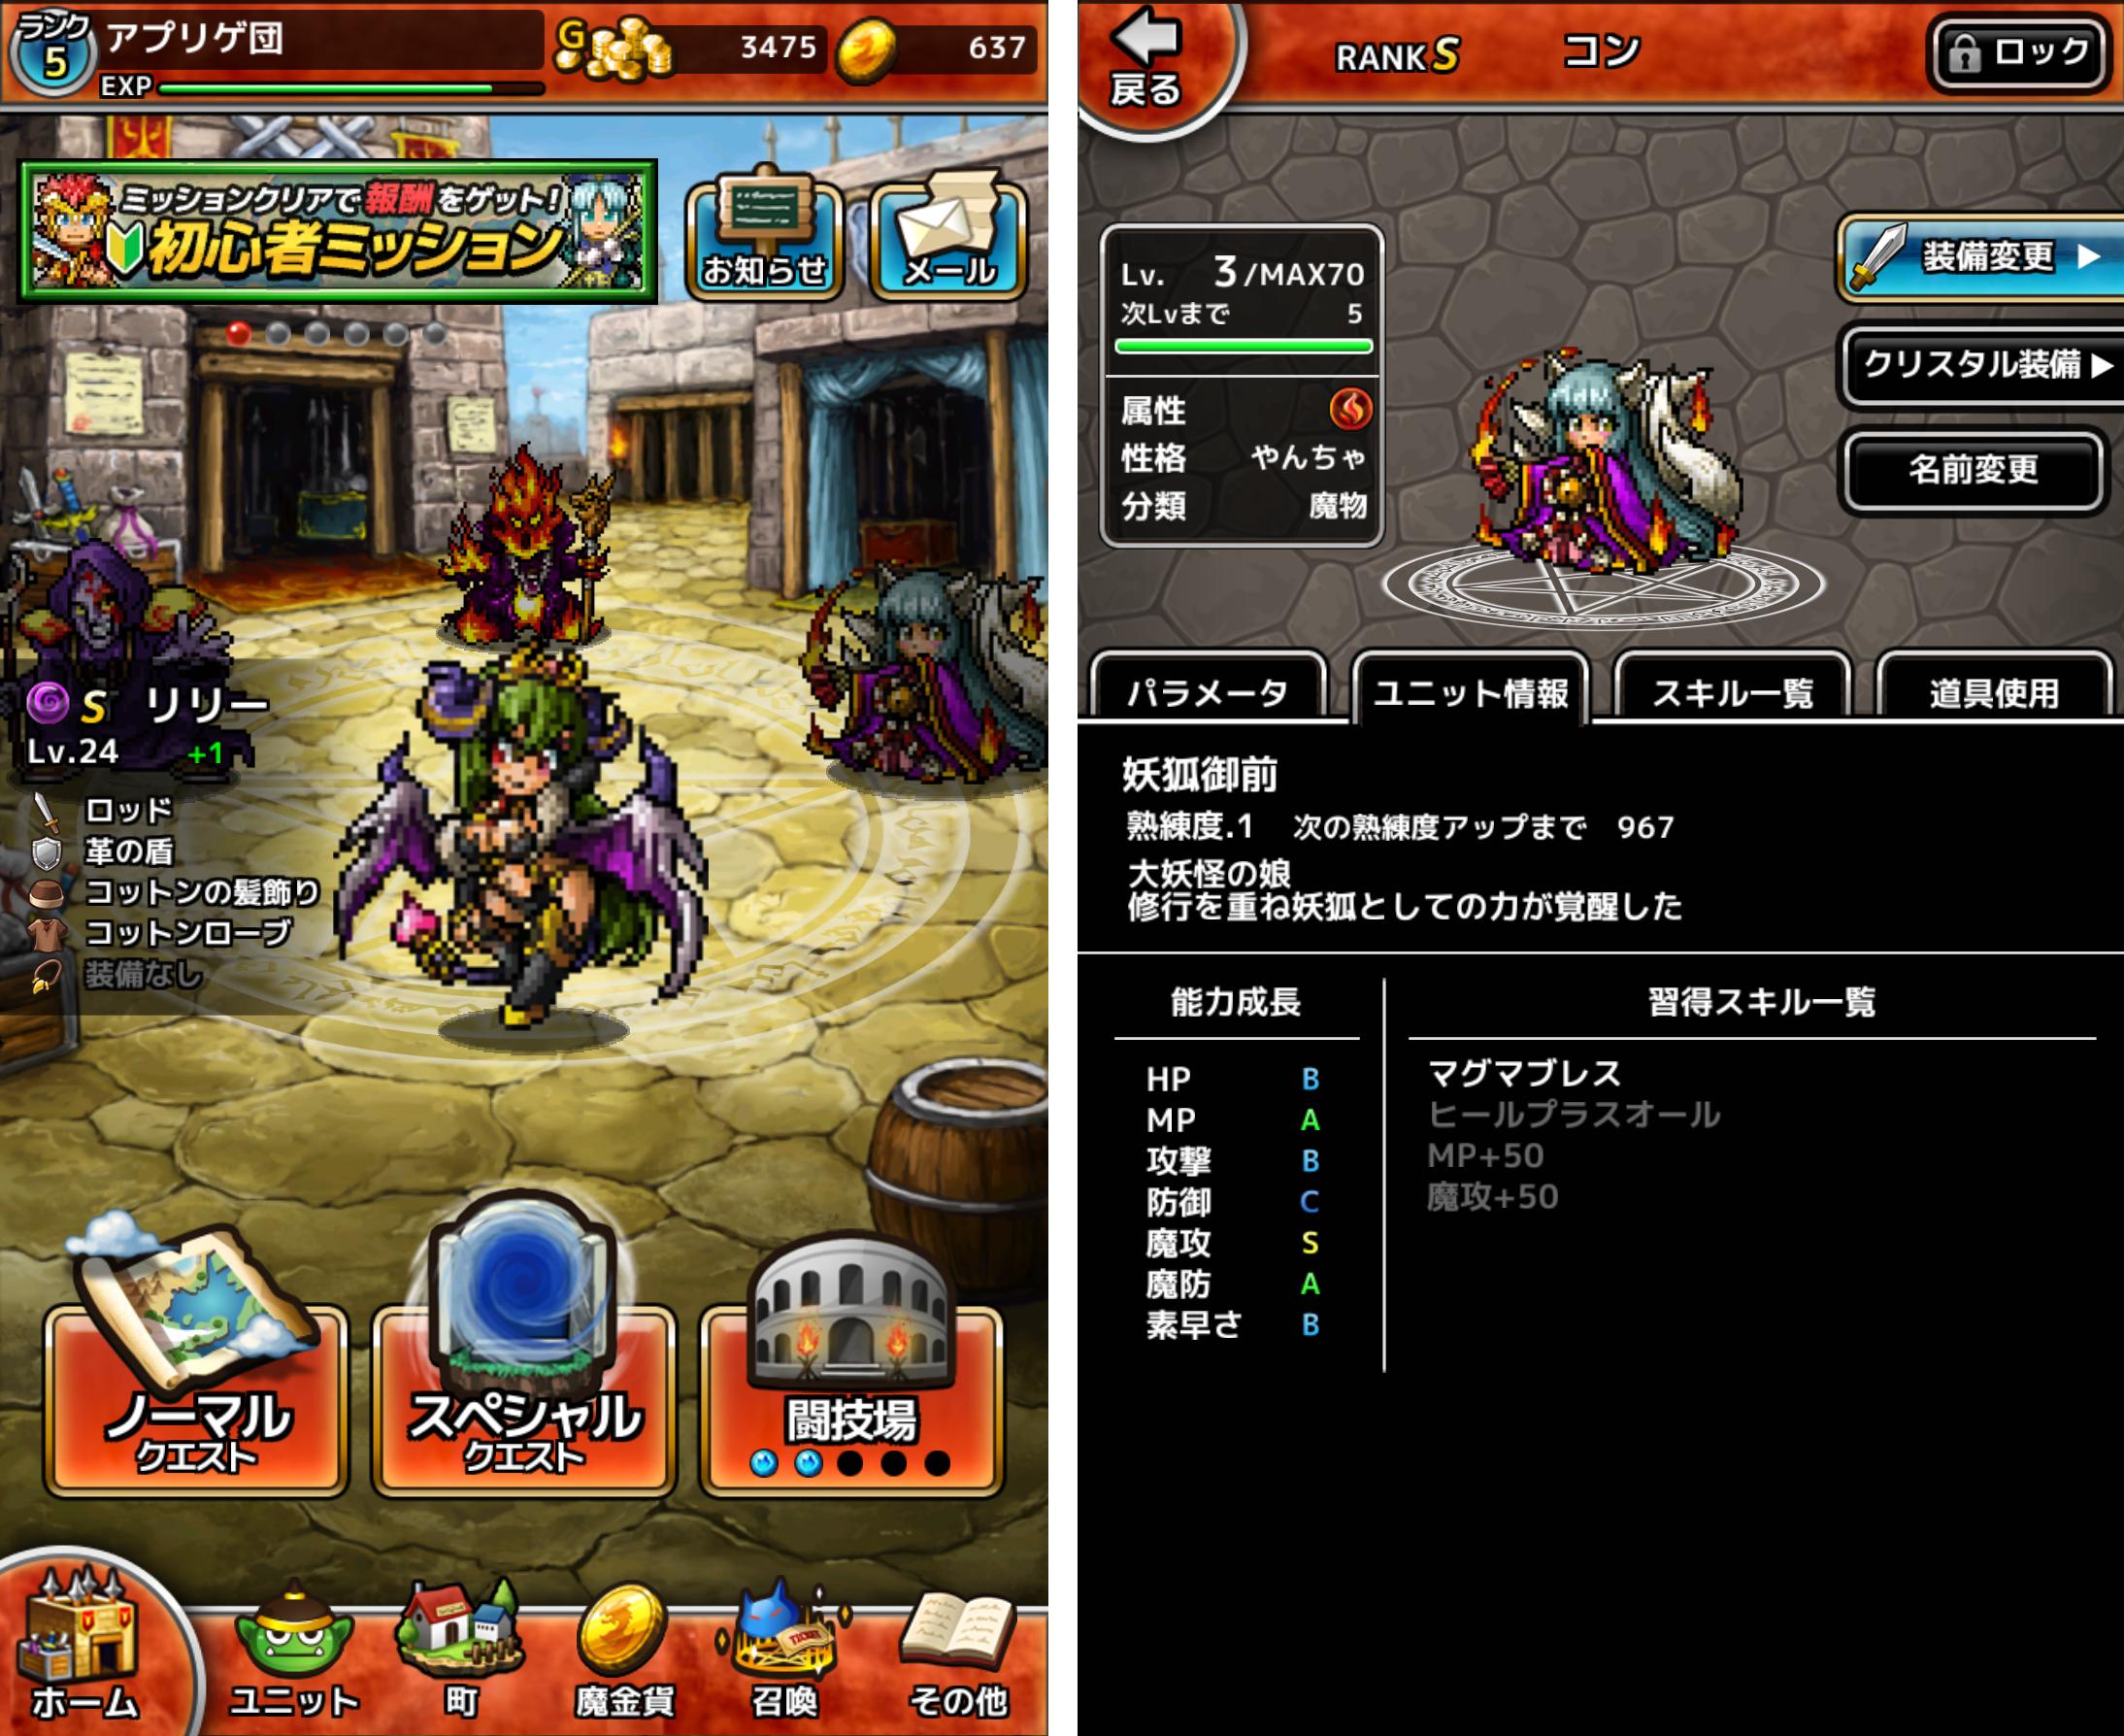 クロスモンスターズ(クロモン) androidアプリスクリーンショット3